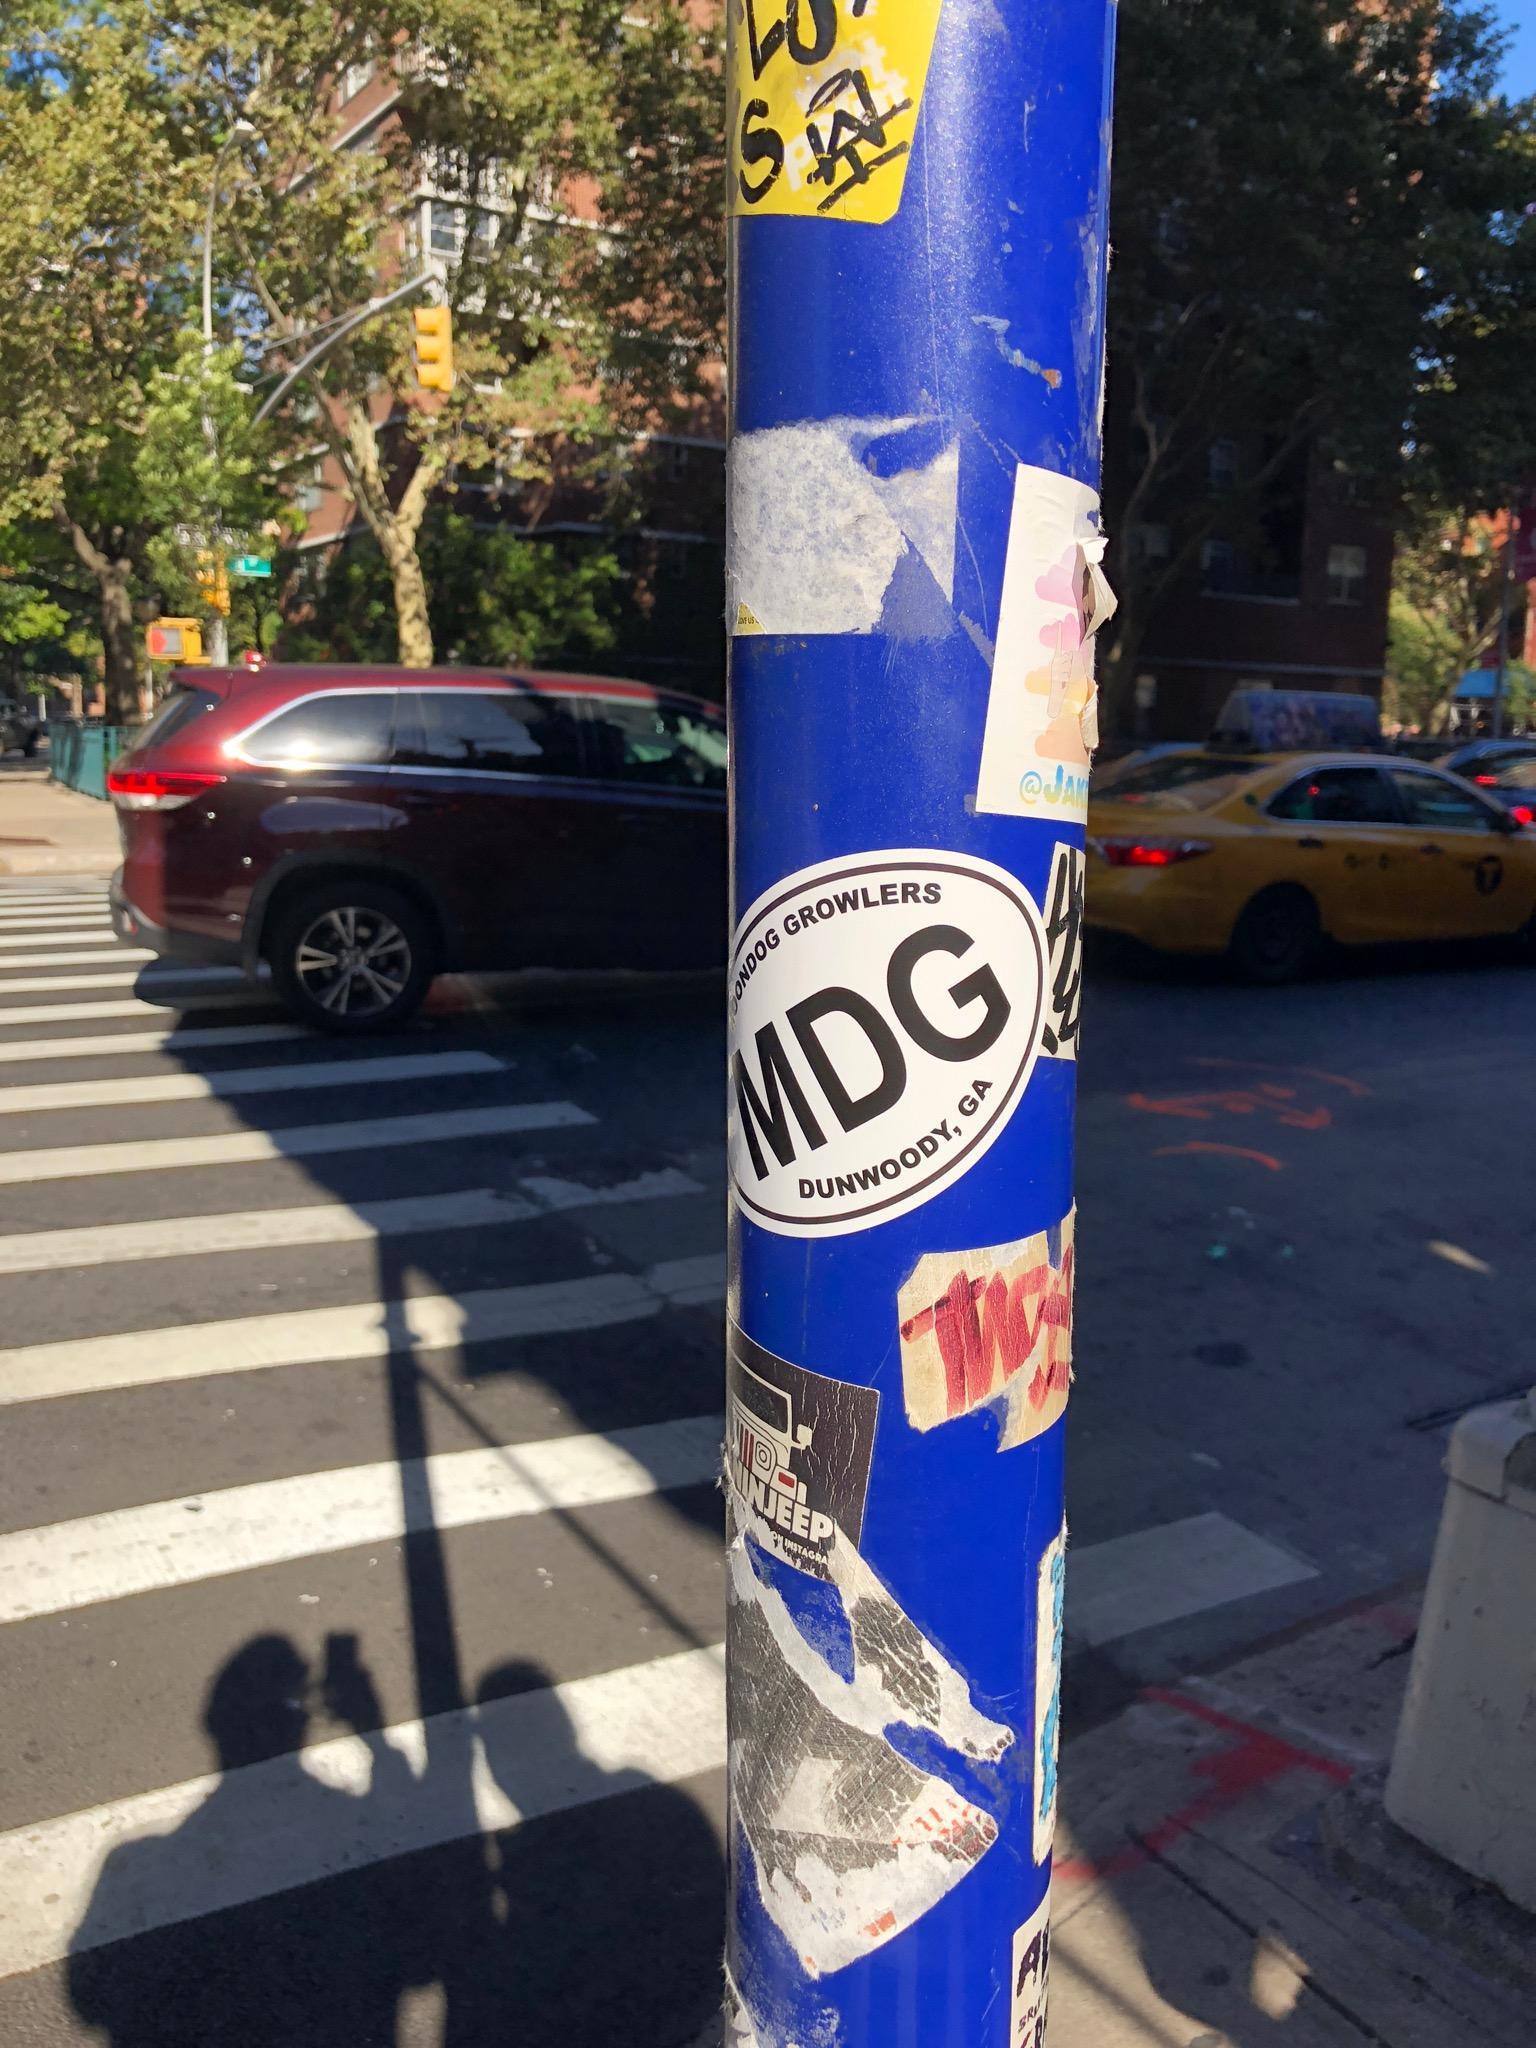 MDG sticker on a poll in Brooklyn, NYC